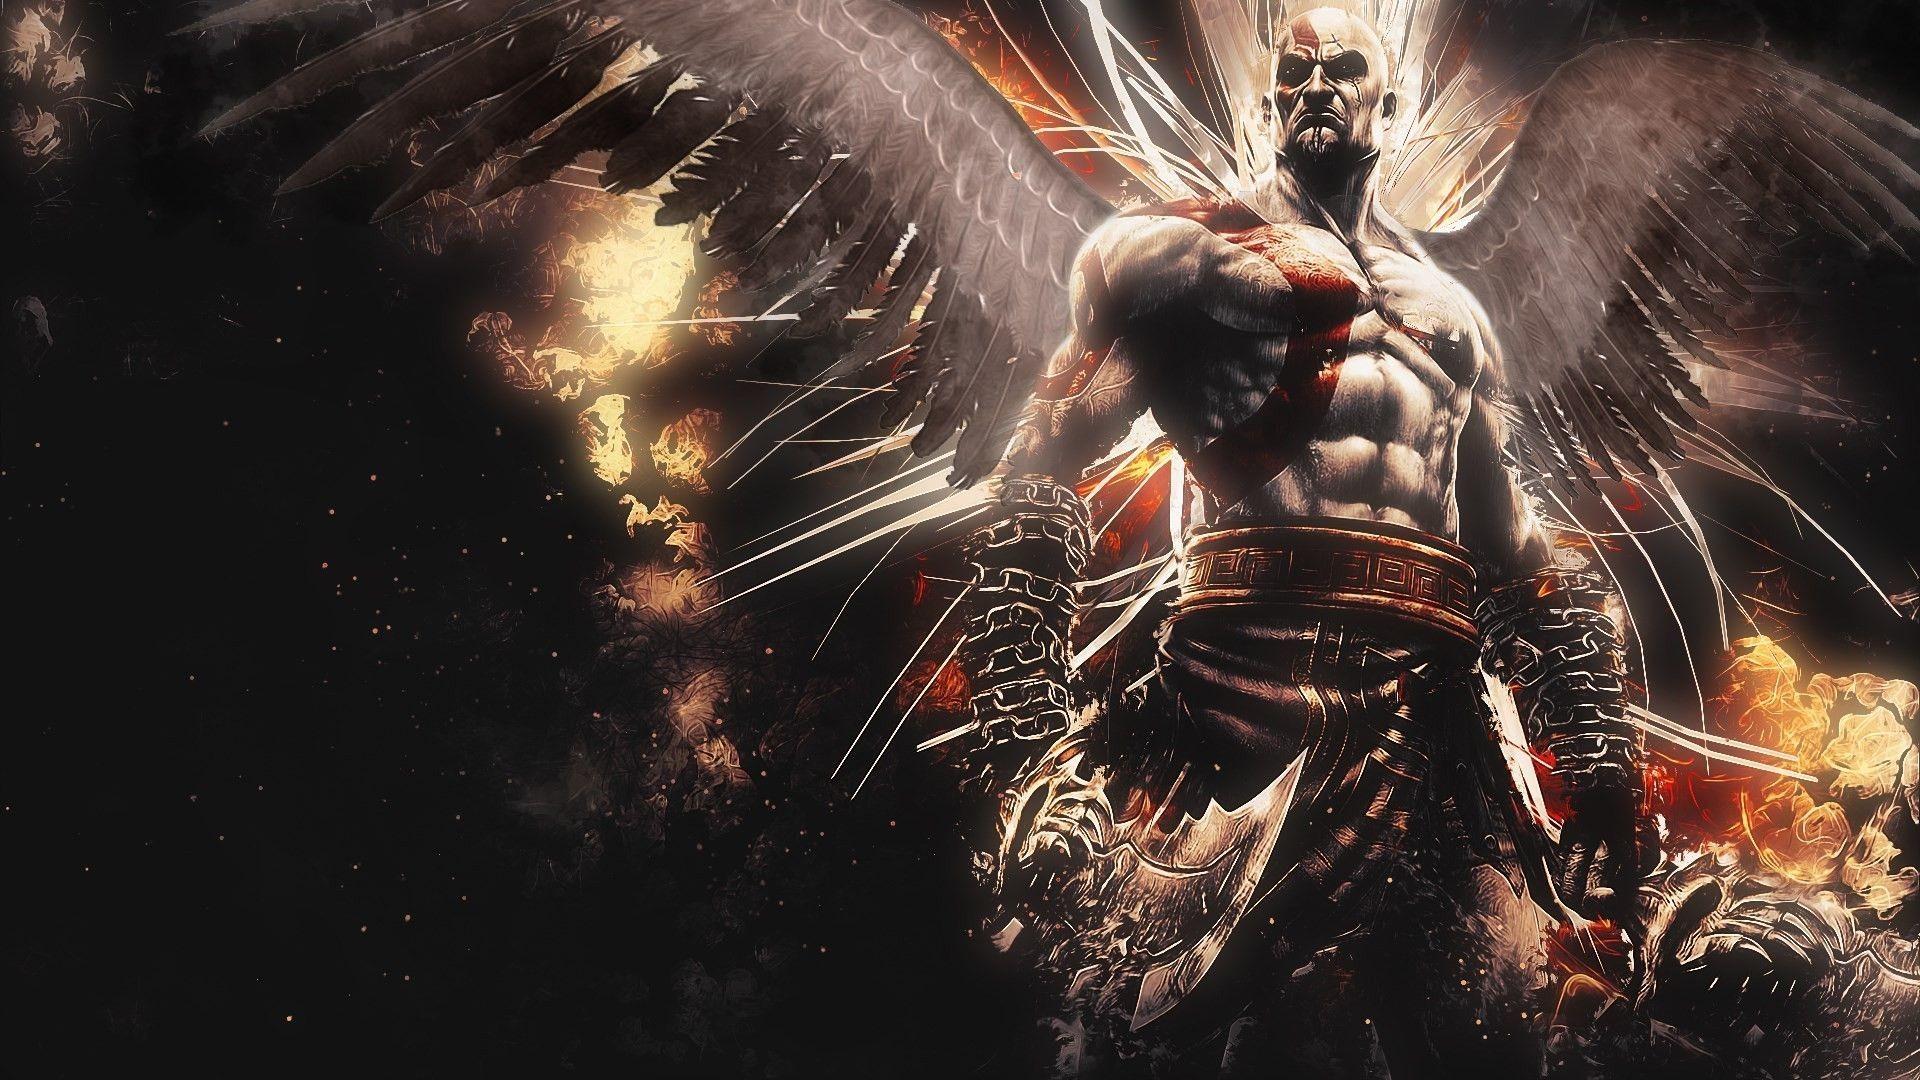 God Of War Wallpaper (82+ Images